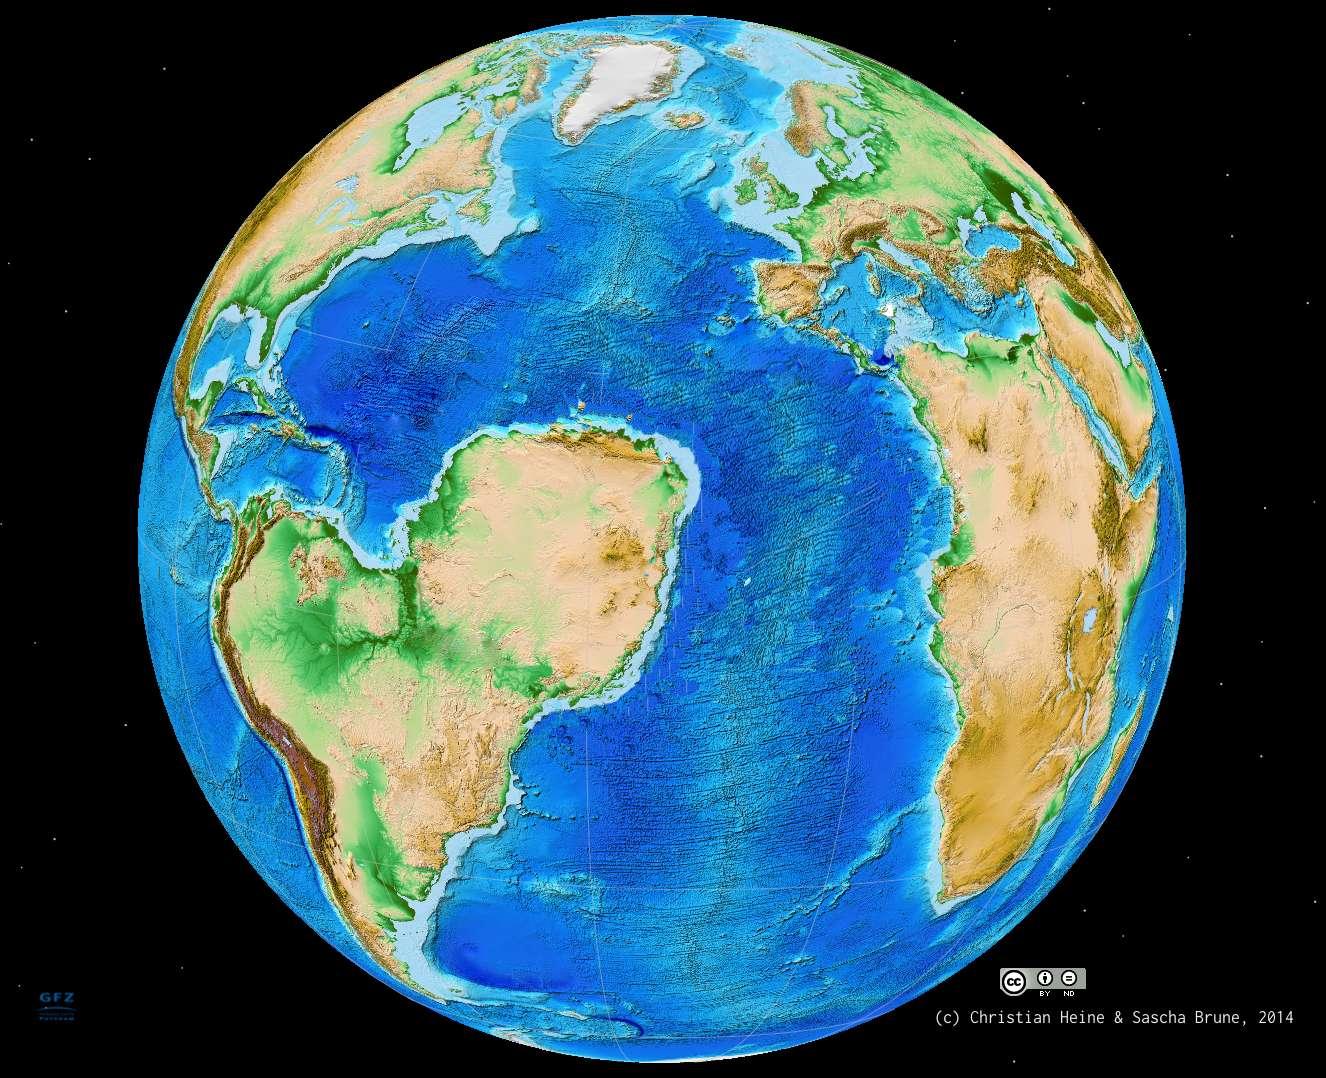 Si un second rift n'était pas entré en compétition au Crétacé avec celui qui se mettait en place du nord au sud du Sahara, le morcellement des supercontinents Gondwana et Laurasia aurait conduit à une répartition différente des continents. Comme le montre cette projection hypothétique de l'histoire de la dérive des continents, il existerait alors aujourd'hui un océan à la place du Sahara. © Sascha Brune, Christian Heine, cc by nd